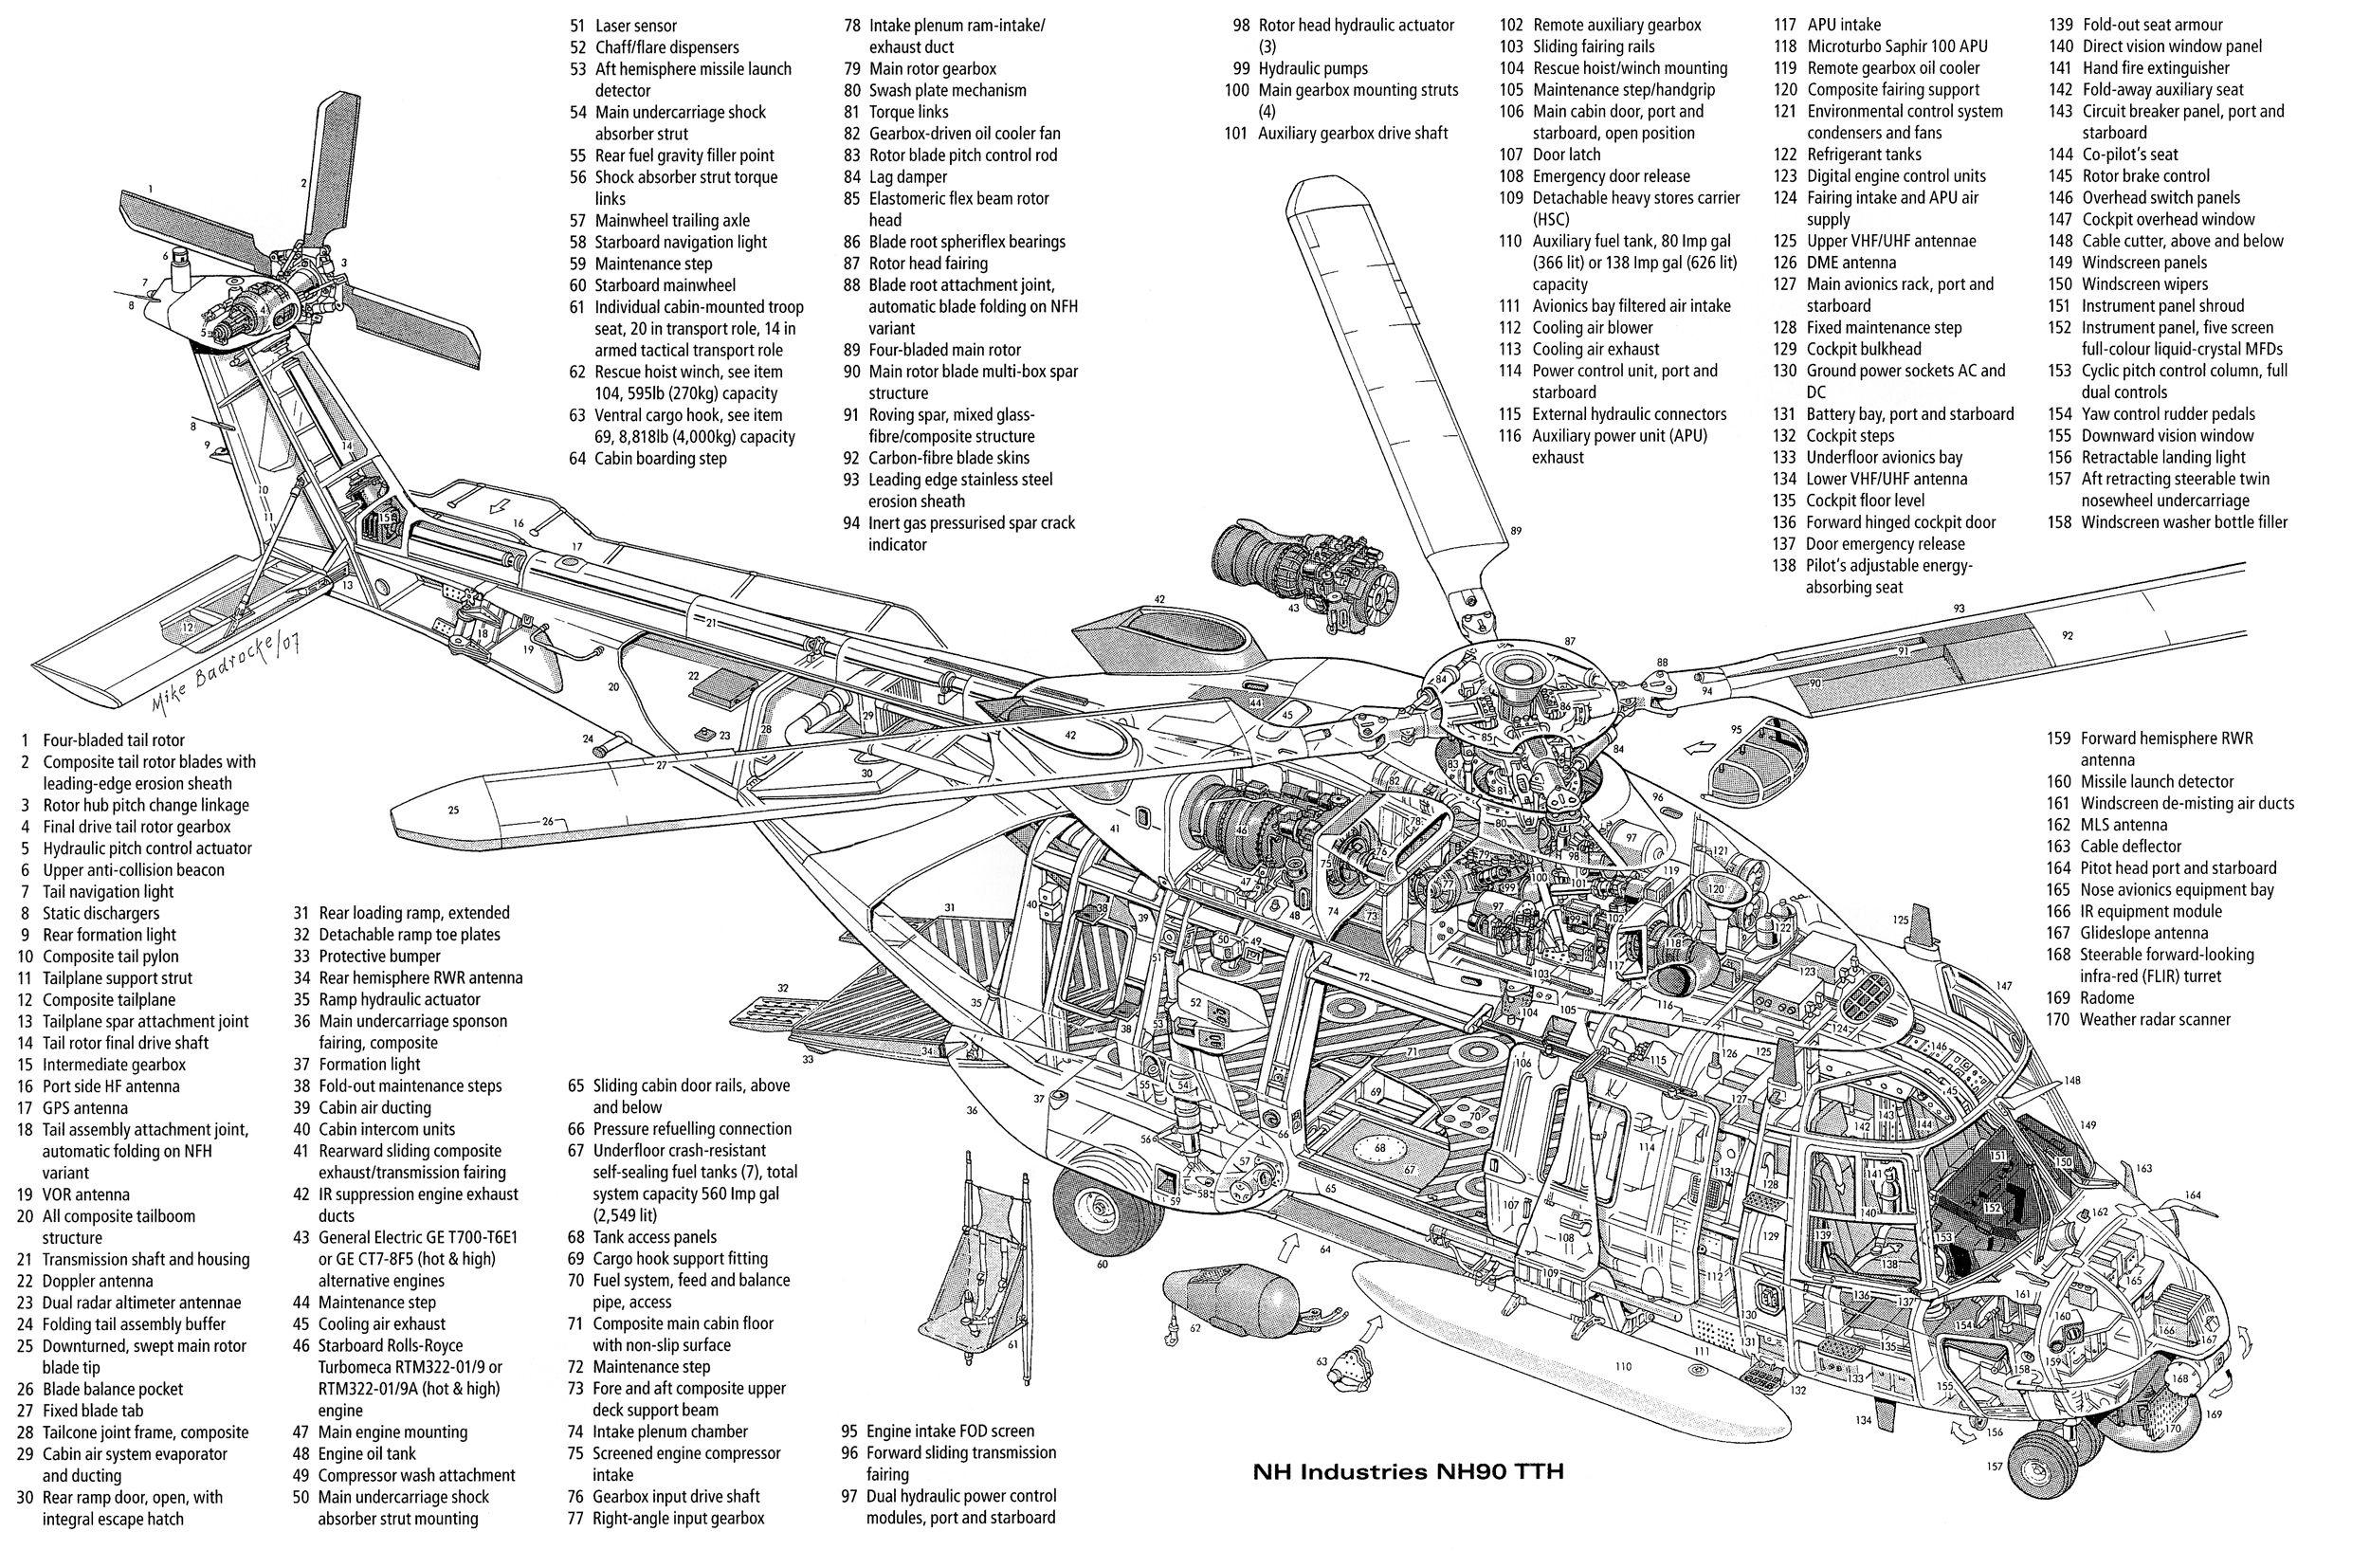 Cutaway Drawing (diagramas em 3D de maquinas mostrando